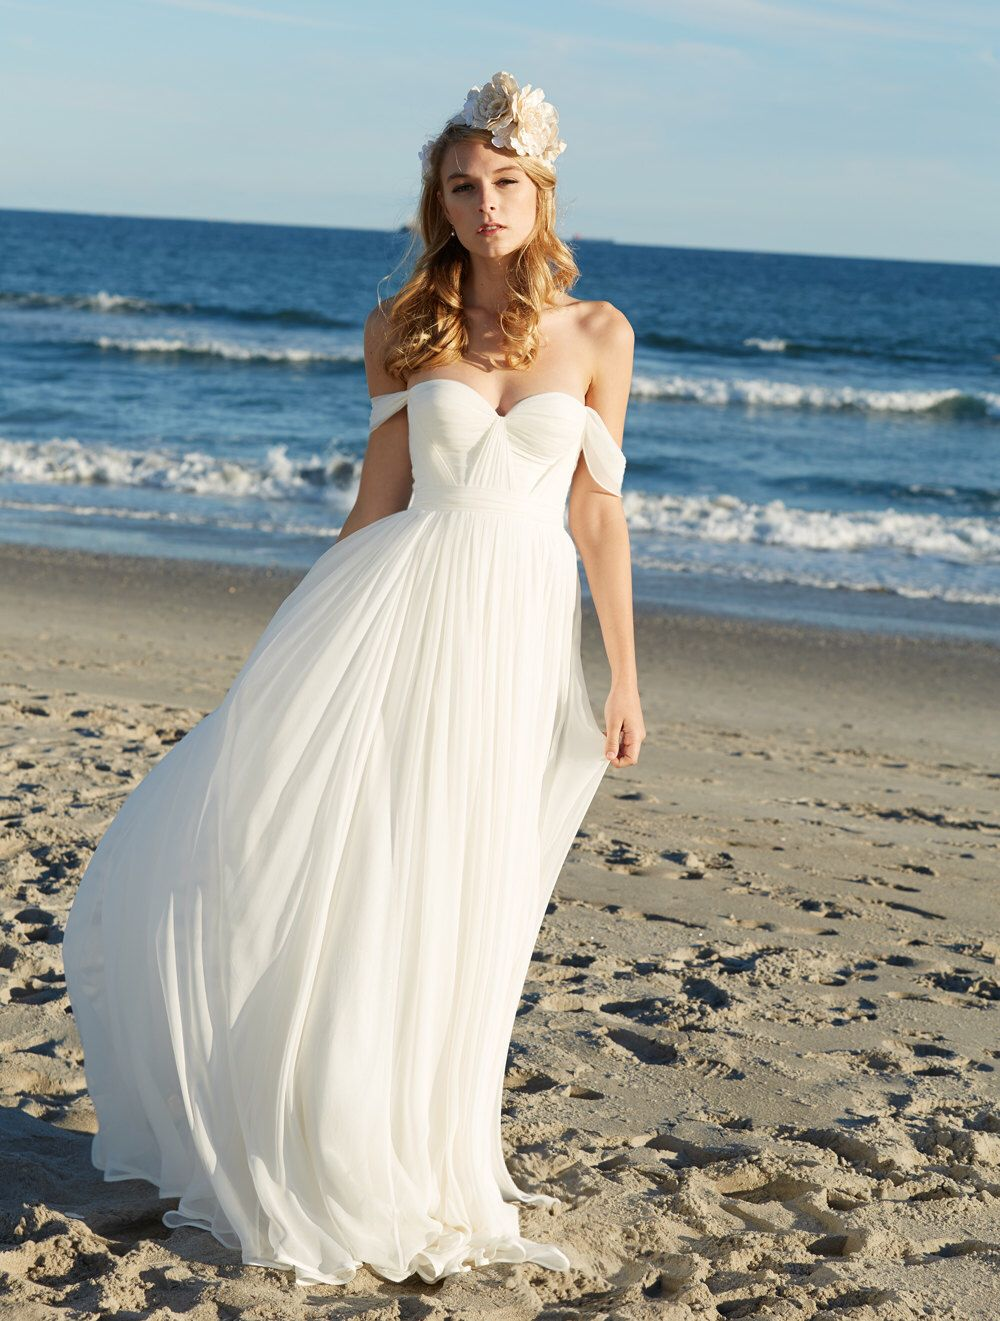 Silk Hand Gathered Bustier Wedding Gown Chiffon Wedding Dress Beach Cheap Beach Wedding Dresses Summer Wedding Dress Beach [ 1321 x 1000 Pixel ]